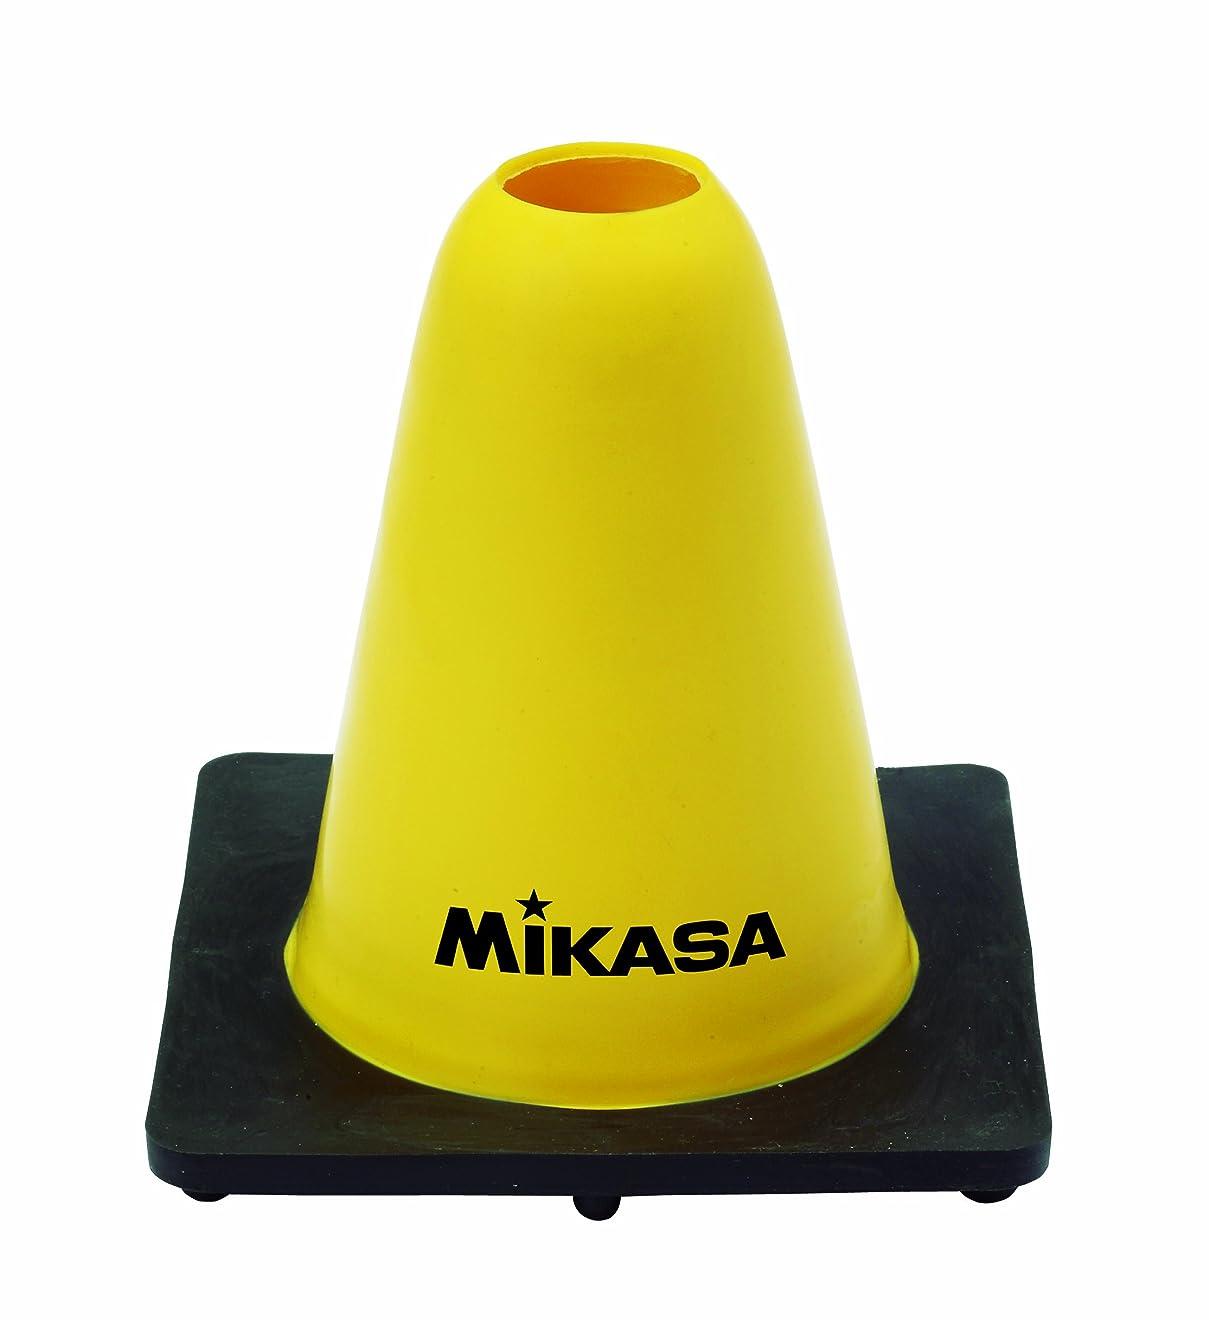 挑む湿った分数ミカサ(MIKASA) マーカーコーン